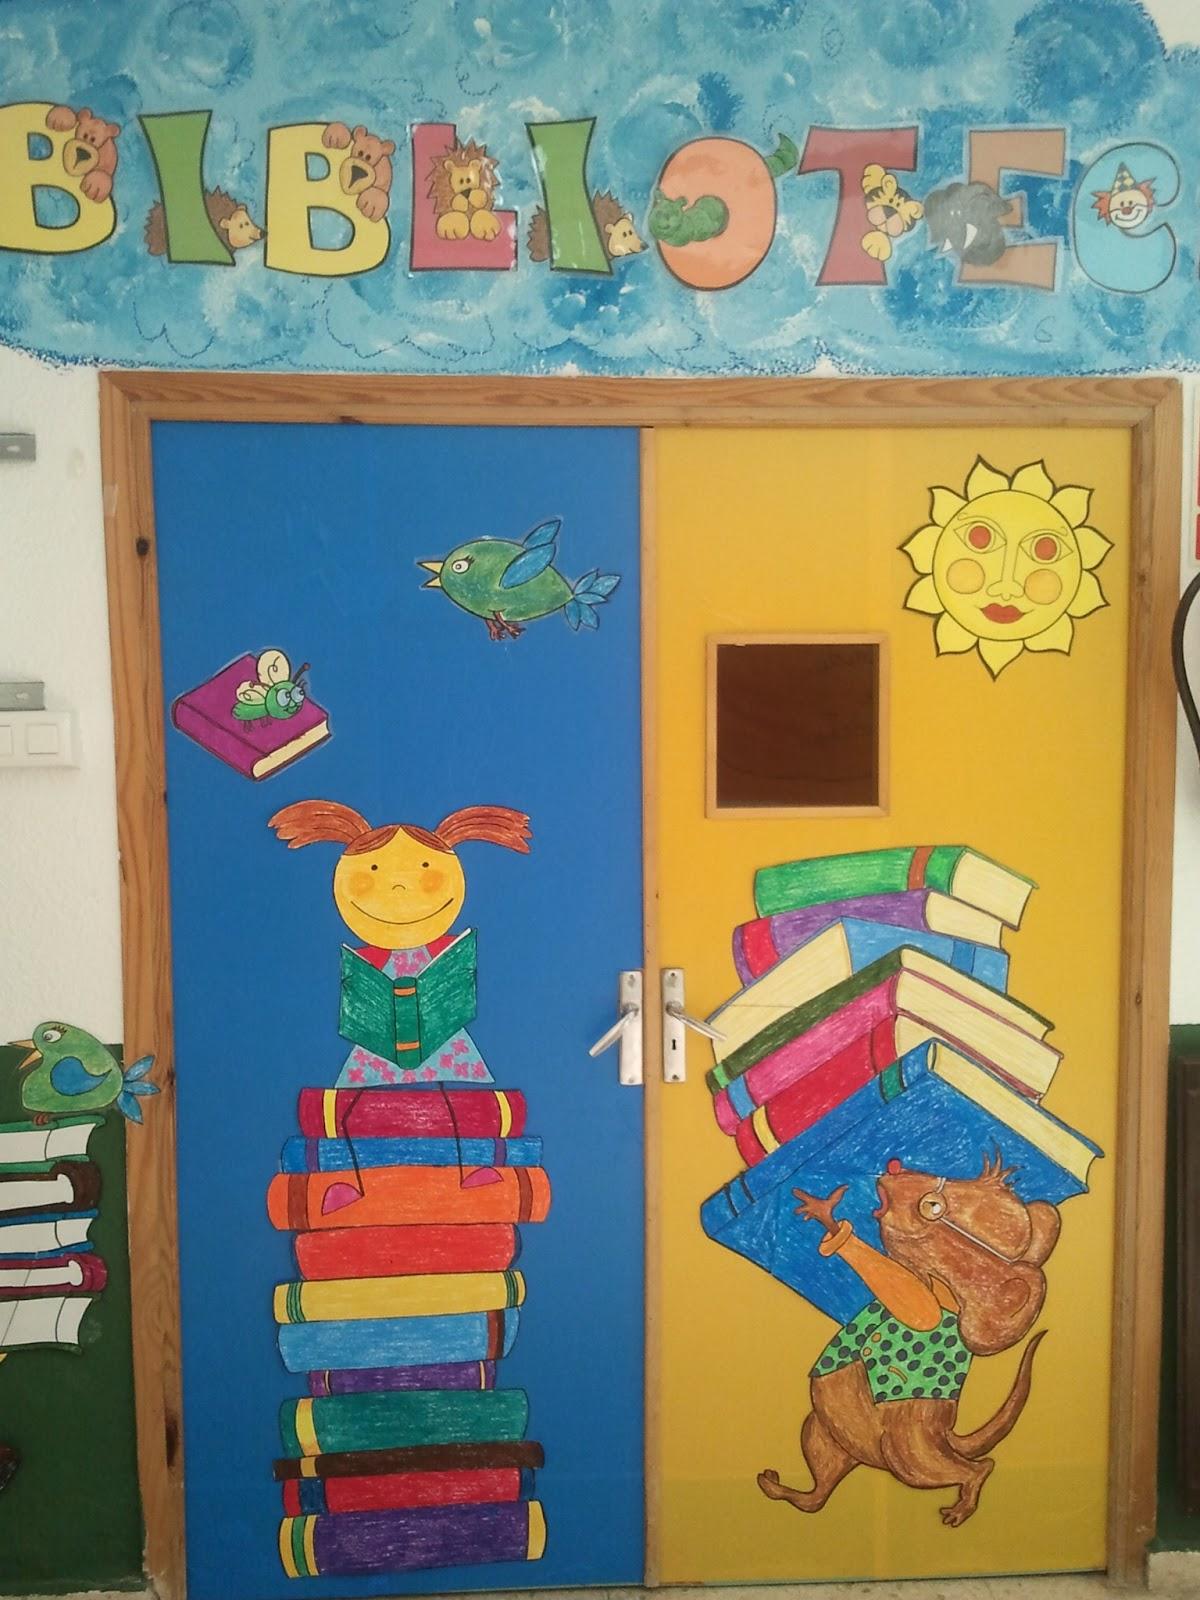 Biblioteca escolar bibliotucci nueva decoraci n de la for Decoracion de puertas de colegio